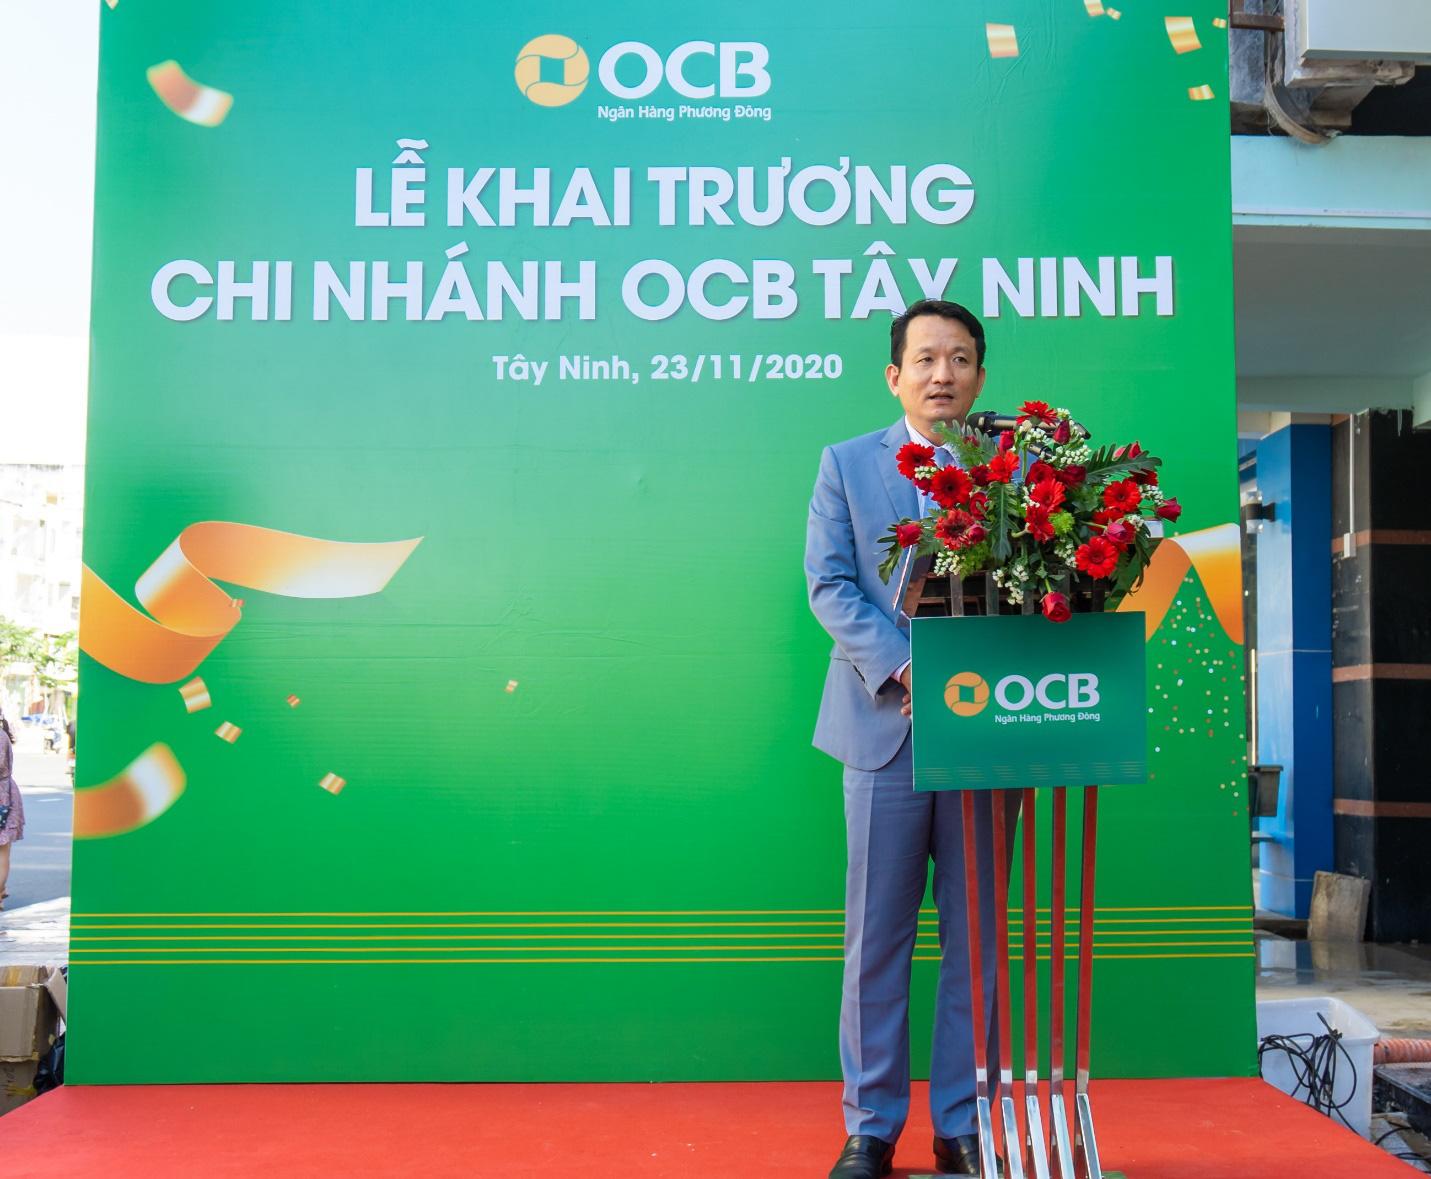 OCB khai trương chi nhánh đầu tiên tại tỉnh Tây Ninh - Ảnh 1.